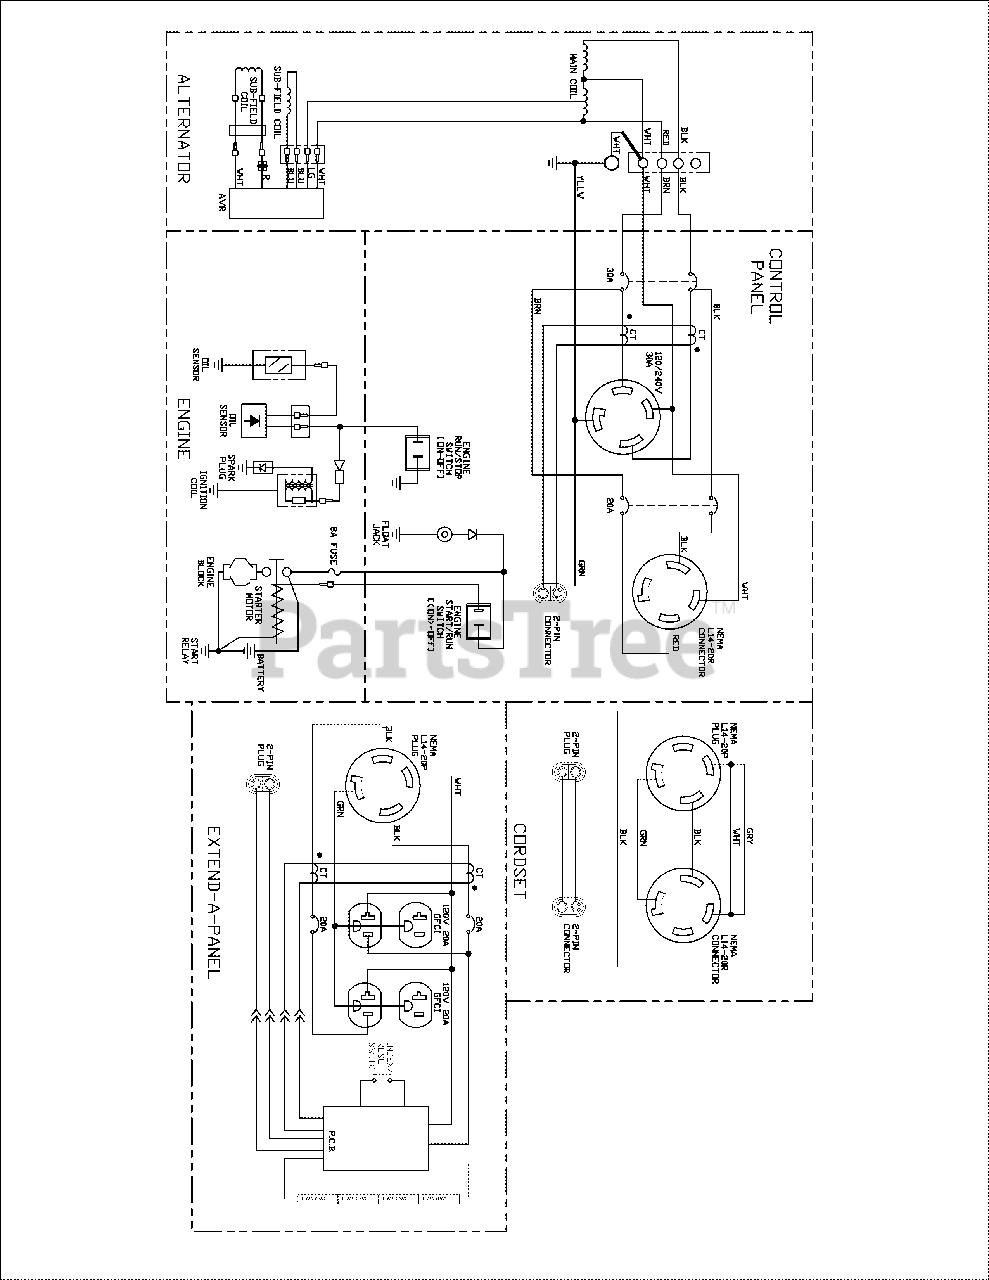 troy bilt engine wiring diagram troy bilt 030478 01 troy bilt xp 7 000 watt portable generator  troy bilt xp 7 000 watt portable